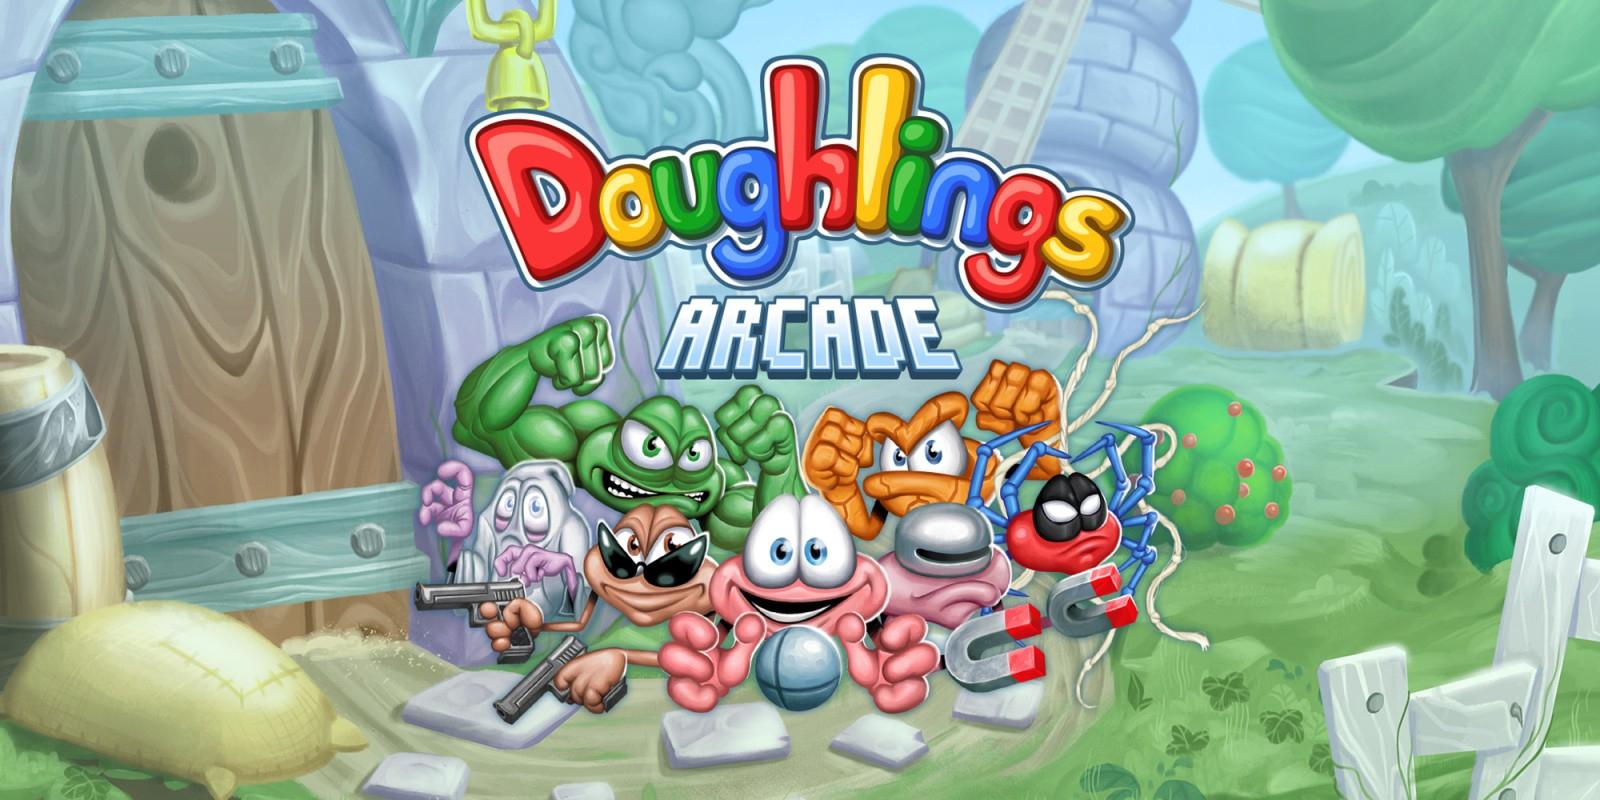 Notre Test De Doughlings : Arcade – Best Of Switch dedans Jouer Au Casse Brique